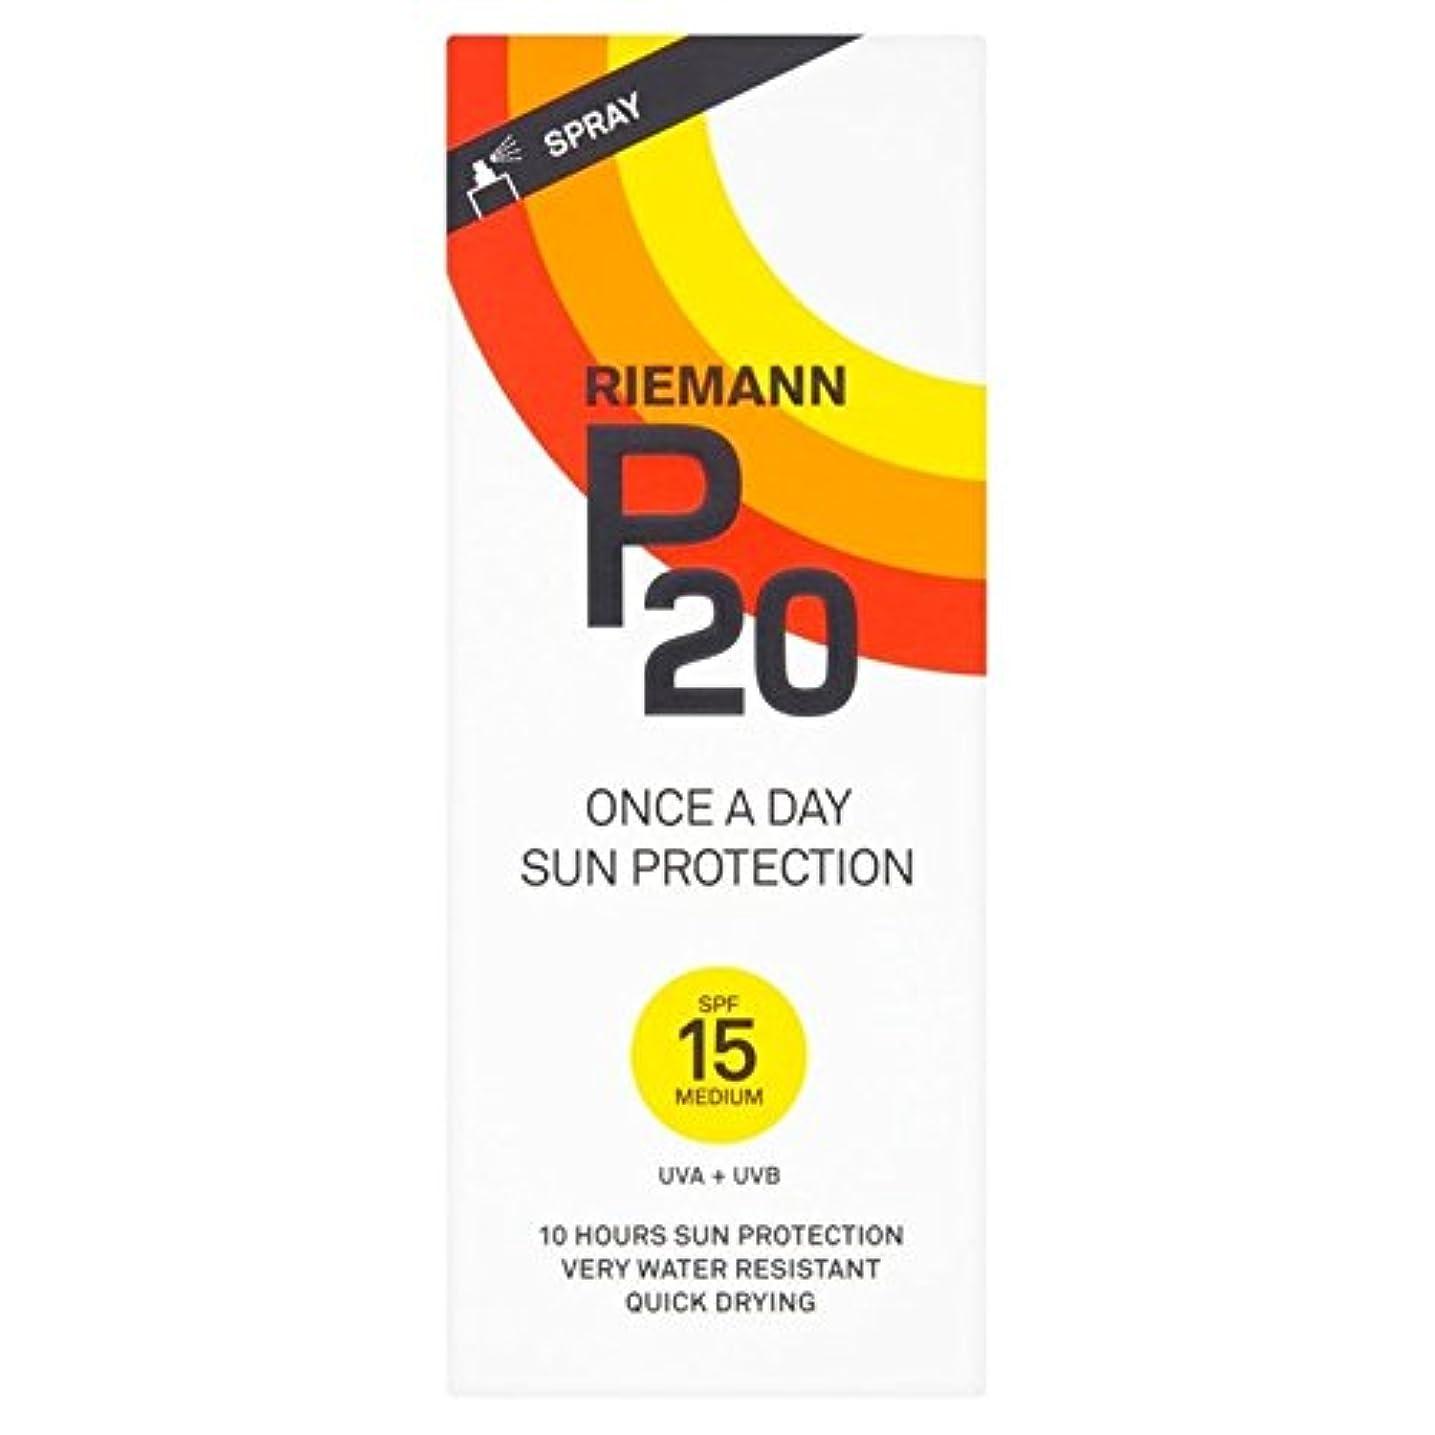 テロデータベース批判するRiemann P20 SPF15 1 Day/10 Hour Protection 200ml - リーマン20 15 1日/ 10時間の保護200ミリリットル [並行輸入品]